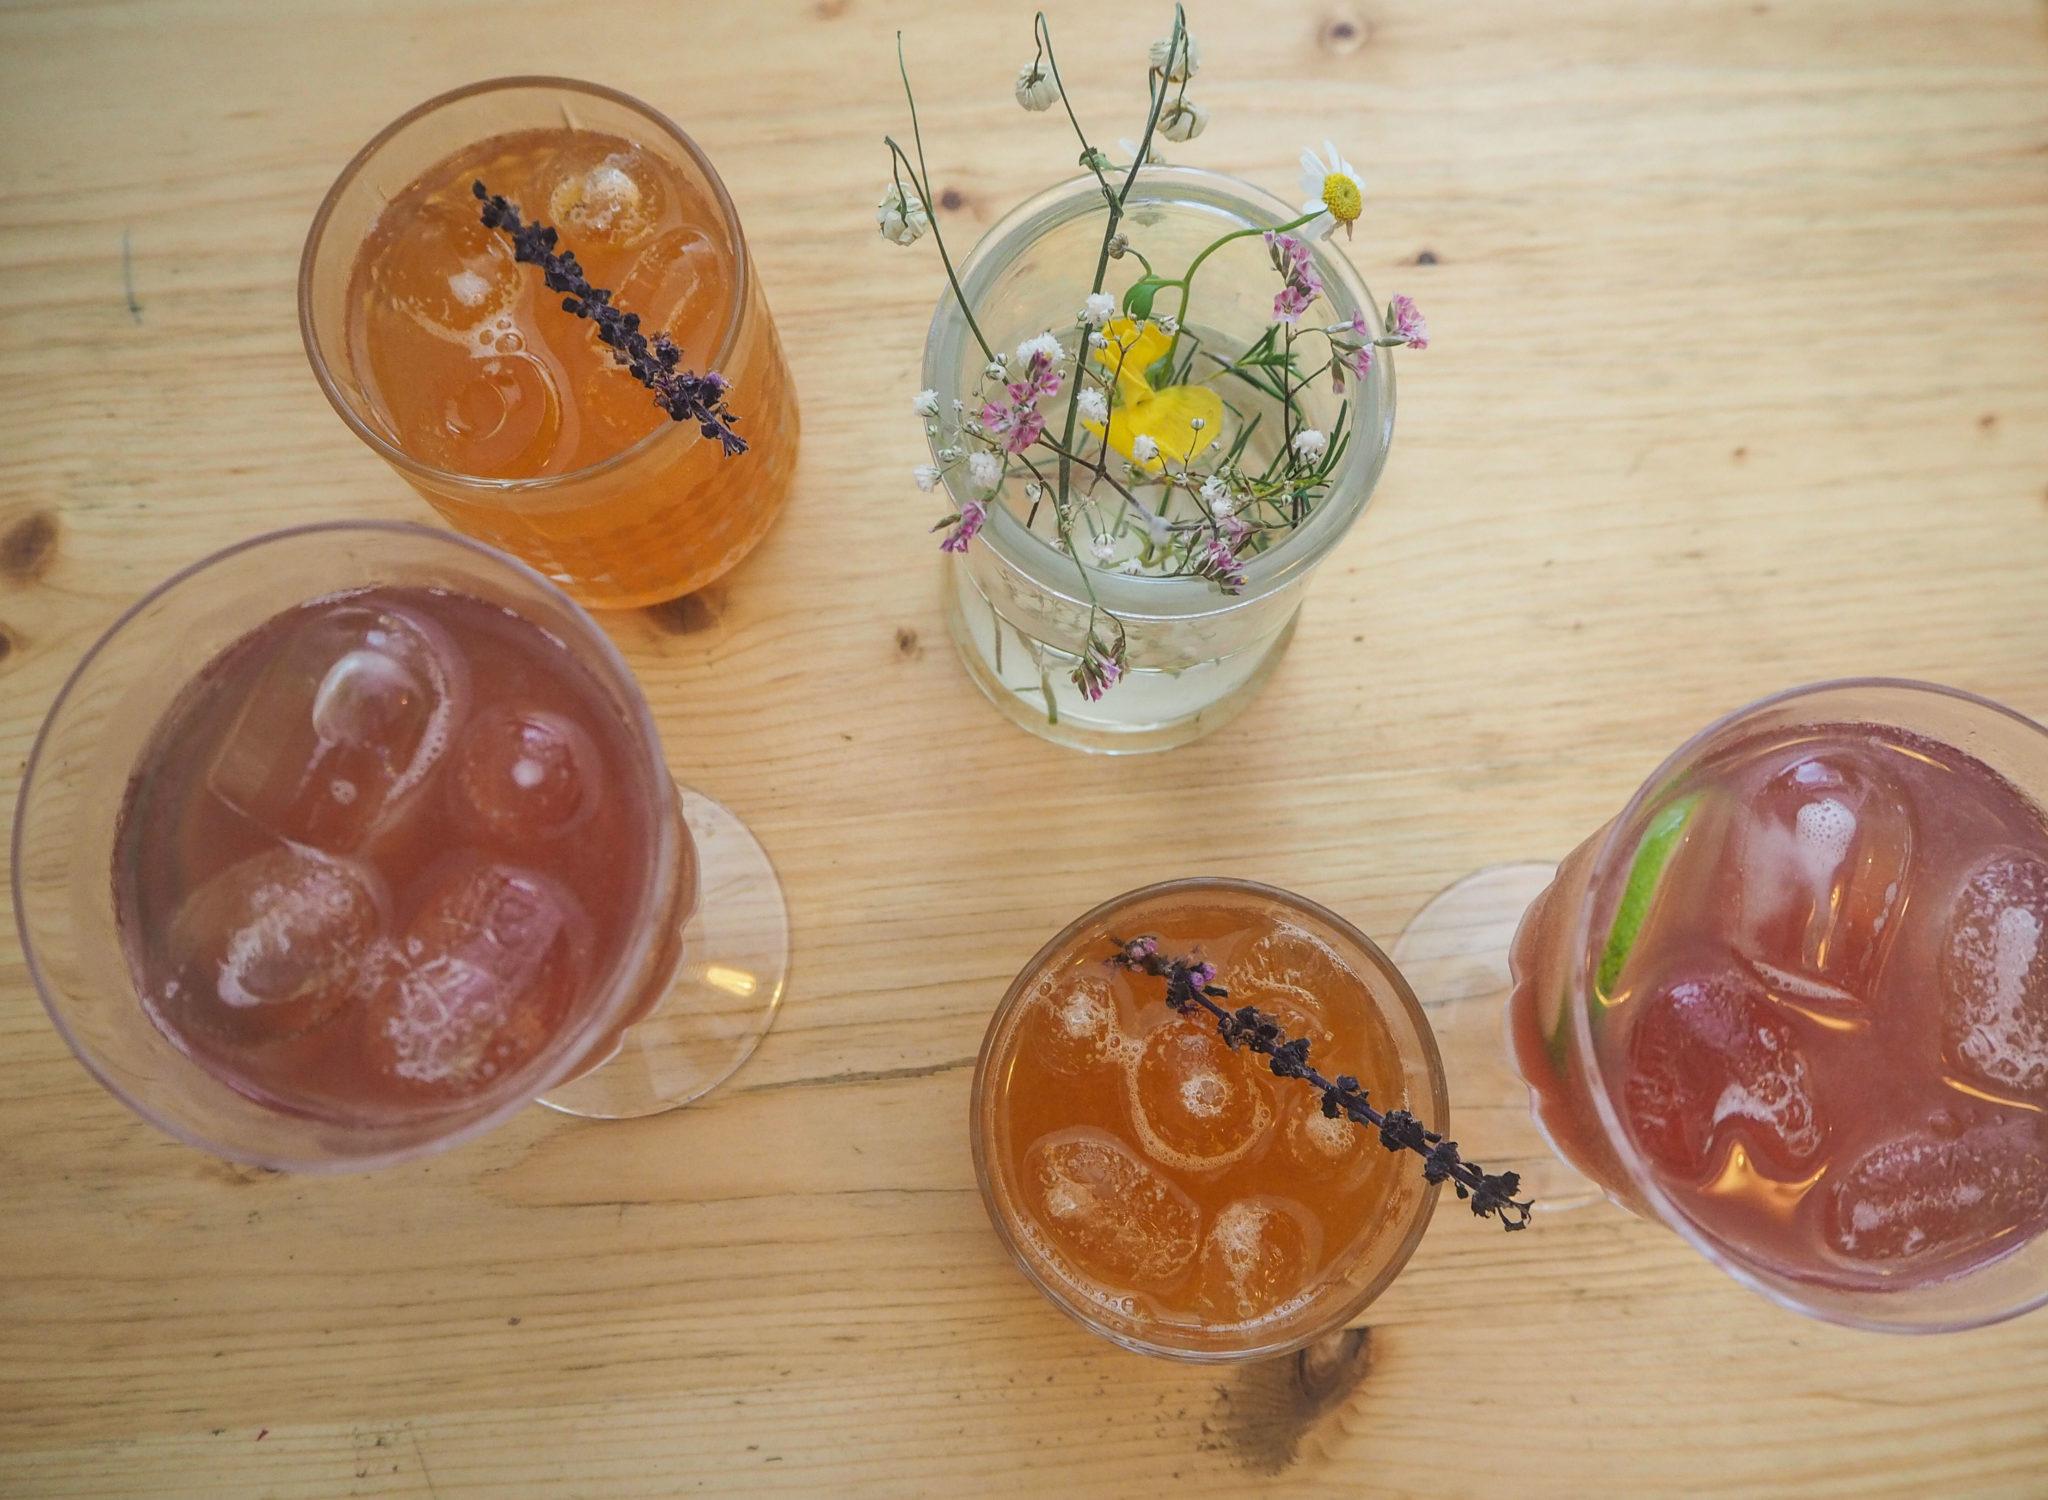 Cocktails sans alcool au Botaniste à Strasbourg - Visiter Strasbourg au fil de l'eau: 2 jours dans la capitale alsacienne entre amies - Par Voyages et Vagabondages, le blog du voyage en solo au féminin - Récit, photos, conseils, idées de visite et bonnes adresses pour visiter Strasbourg